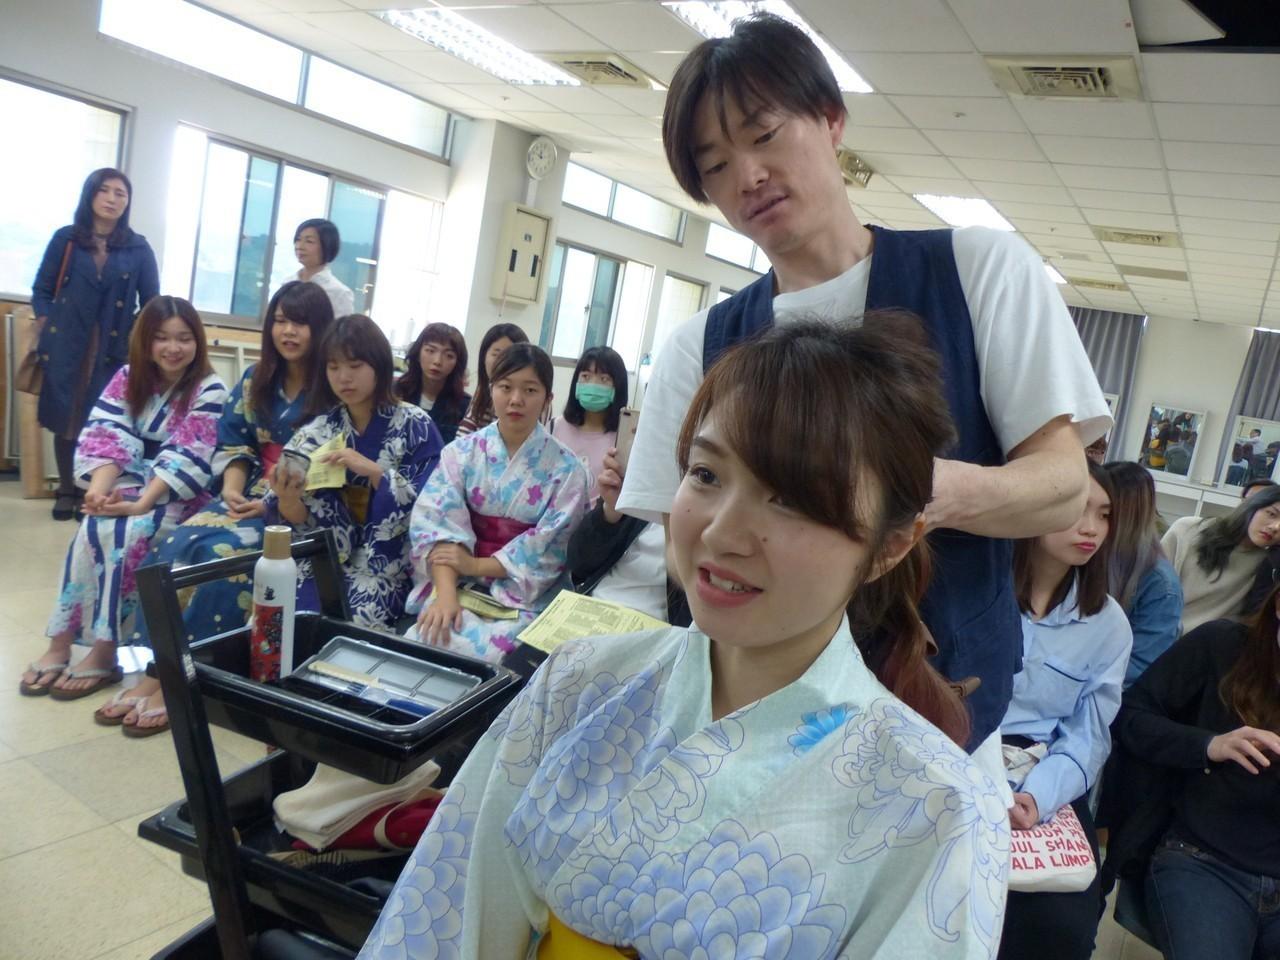 為安室奈美惠做髮型收多少?山中康裕:台幣8到13萬元